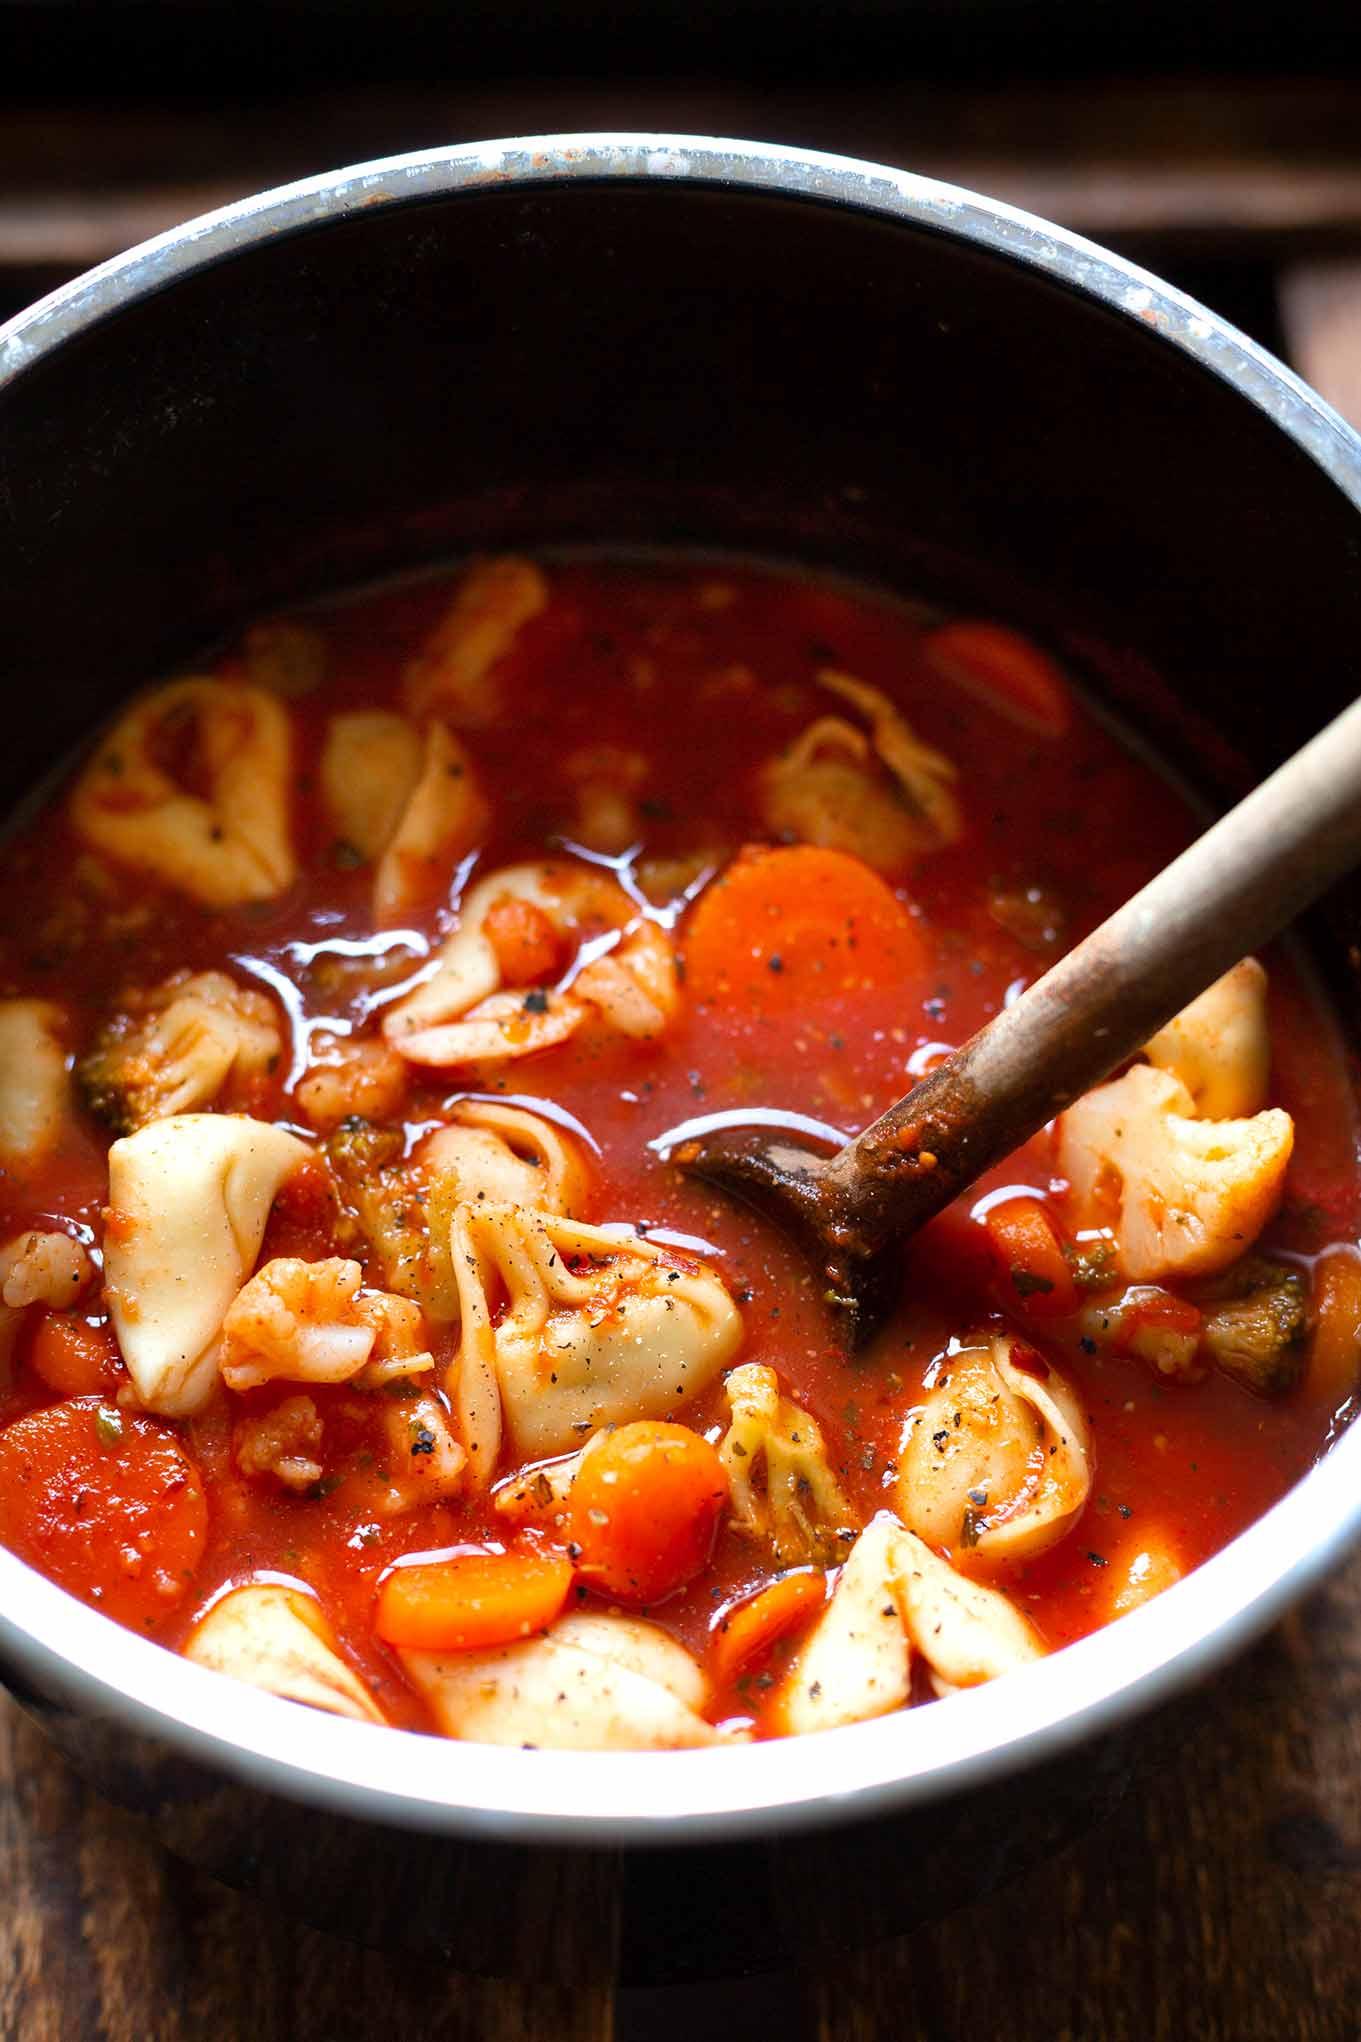 Deftiger Gemüse-Tortellini-Eintopf: Dieses Knaller-Herbstrezept steht in nur 20 Minuten auf dem Tisch und ist damit perfektes, gesundes Feierabend-Soulfood! Kochkarussell - dein Foodblog für schnelle und einfache Feierabendküche #kochkarussell #eintopf #tortellini #soulfood #herbstrezept